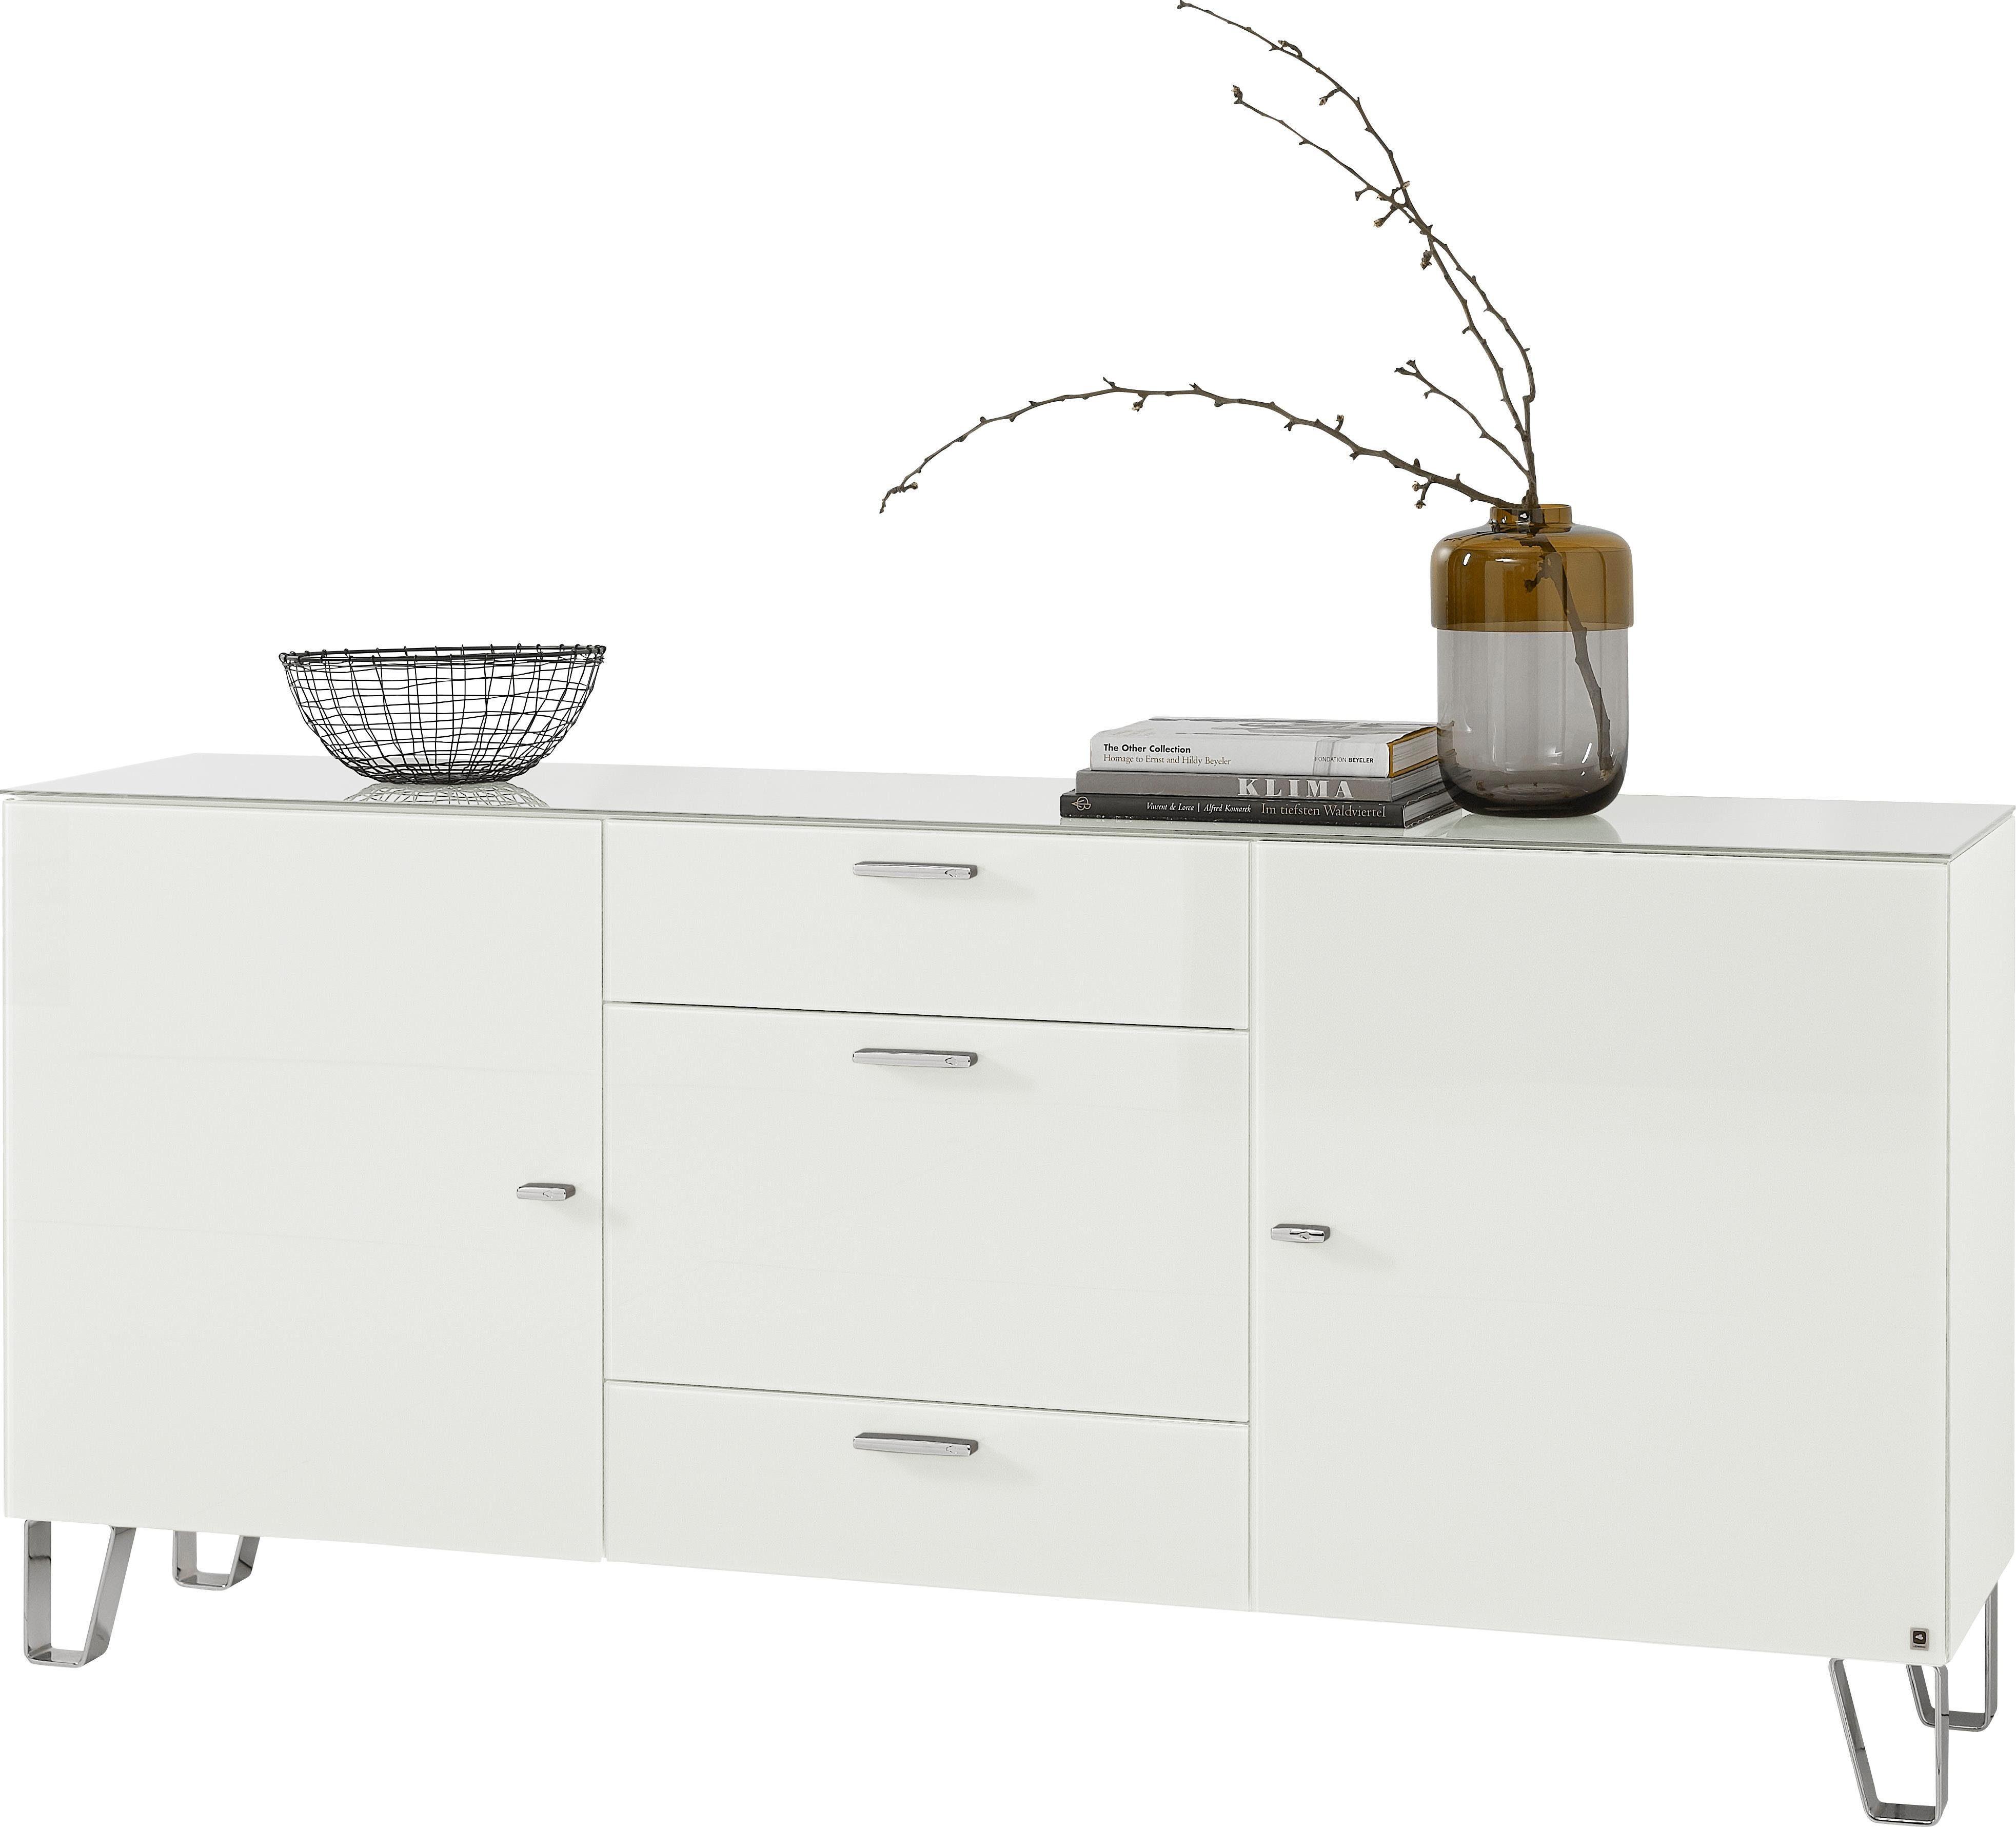 LEONARDO Sideboard »CUBE«, auf Designfüßen, mit 2 Türen und 3 Schubladen, Breite 189 cm online kaufen | OTTO